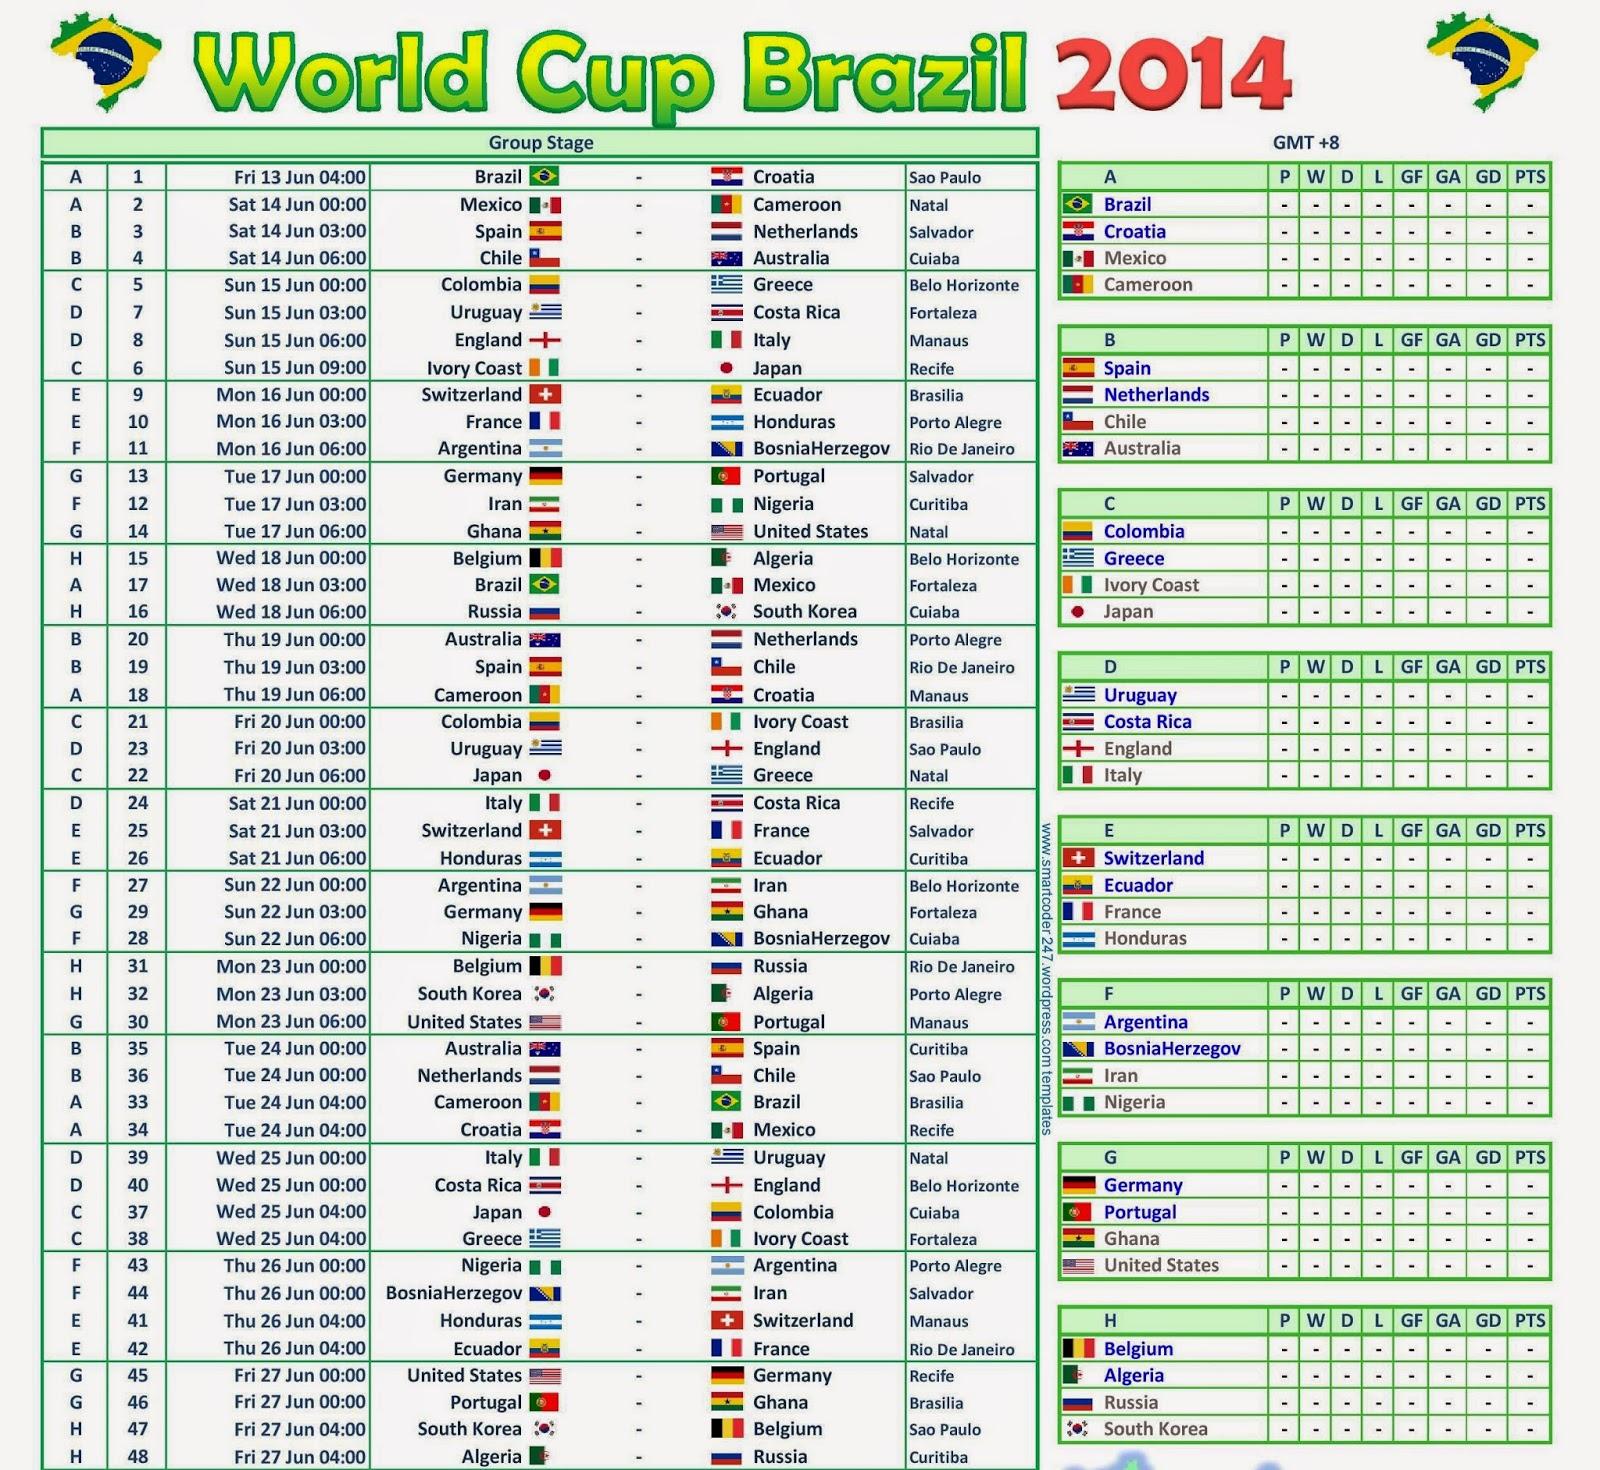 Jadual perlawanan Piala Dunia waktu Malaysia